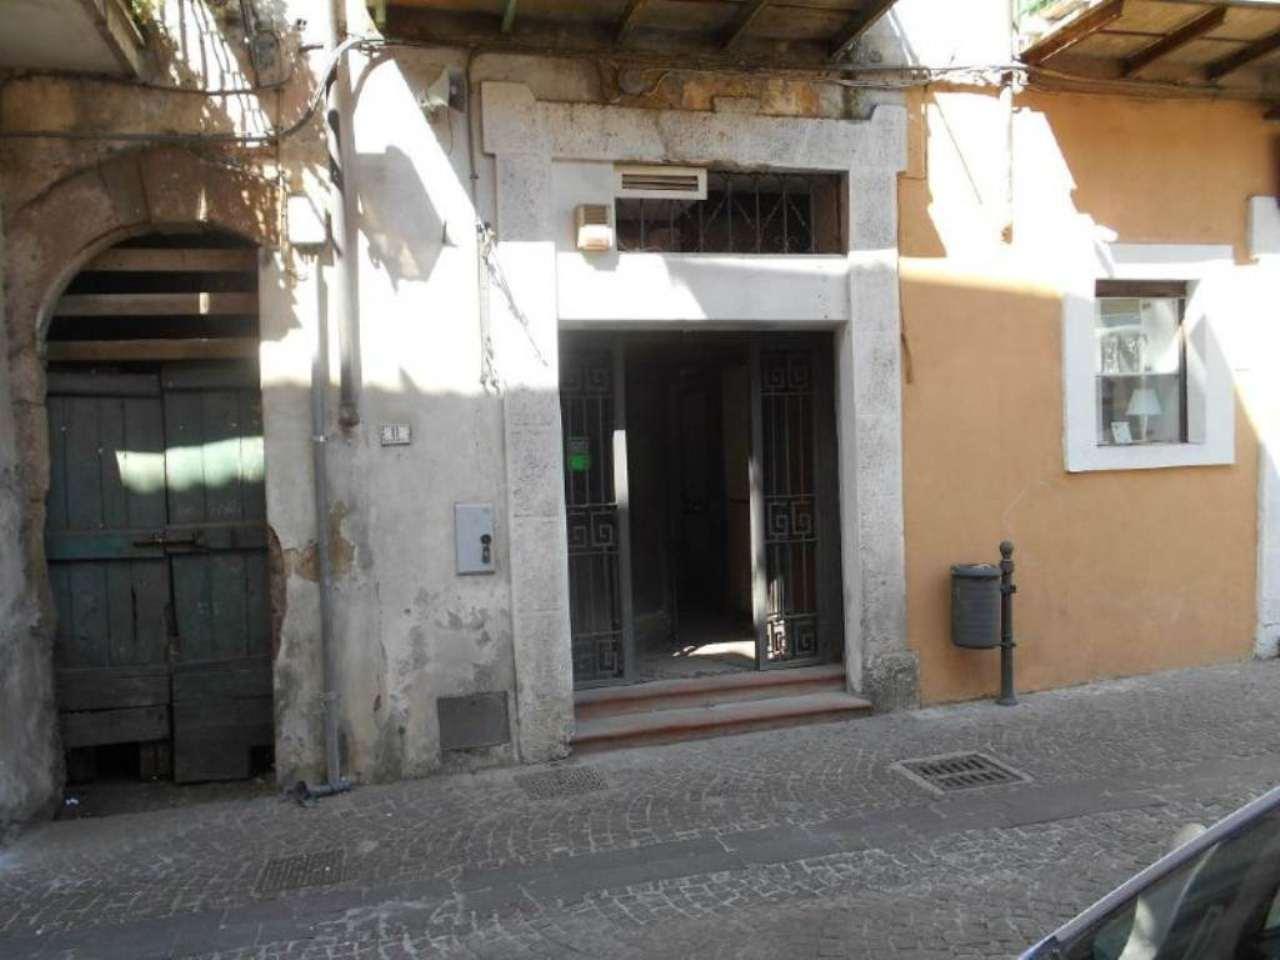 Negozio / Locale in vendita a Labico, 1 locali, prezzo € 25.000 | Cambio Casa.it